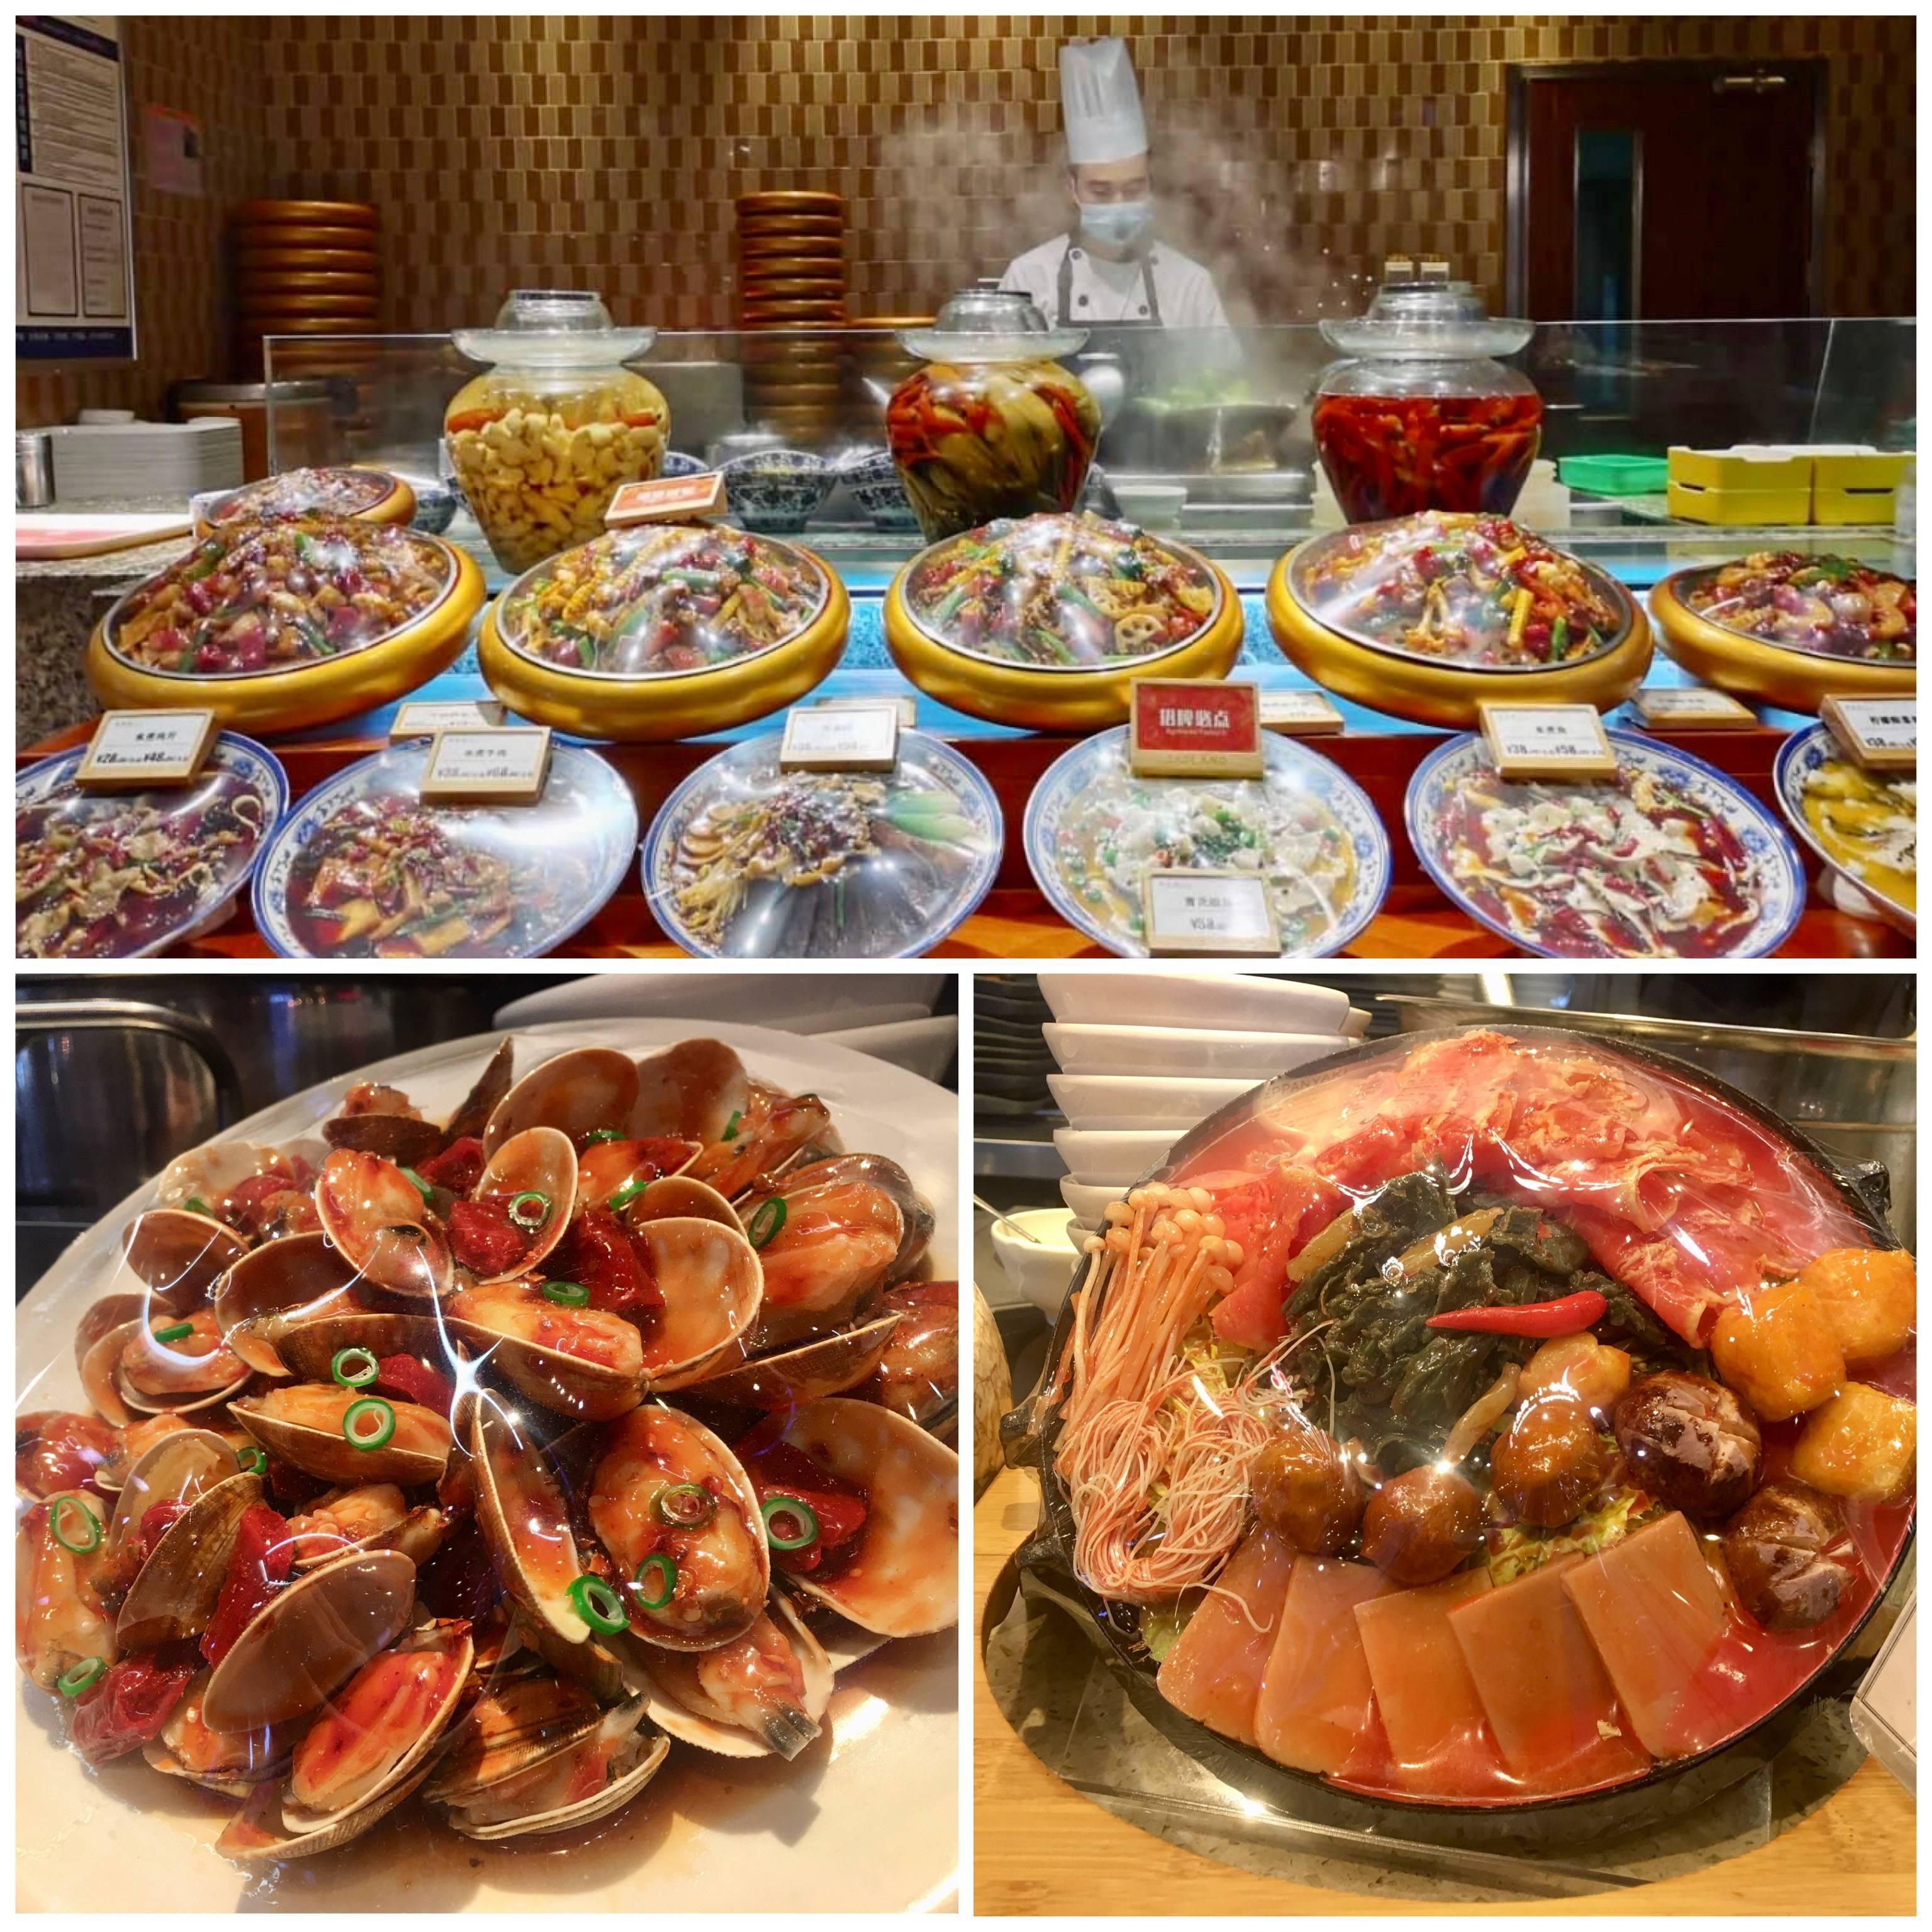 O cardápio 3D, irresistível, à vista dos olhos nas praças de alimentação e feirinhas gastronômicas facilita a escolha, é só apontar. Pratos chegam à mesa idênticos ao pratos artificiais em exposição.